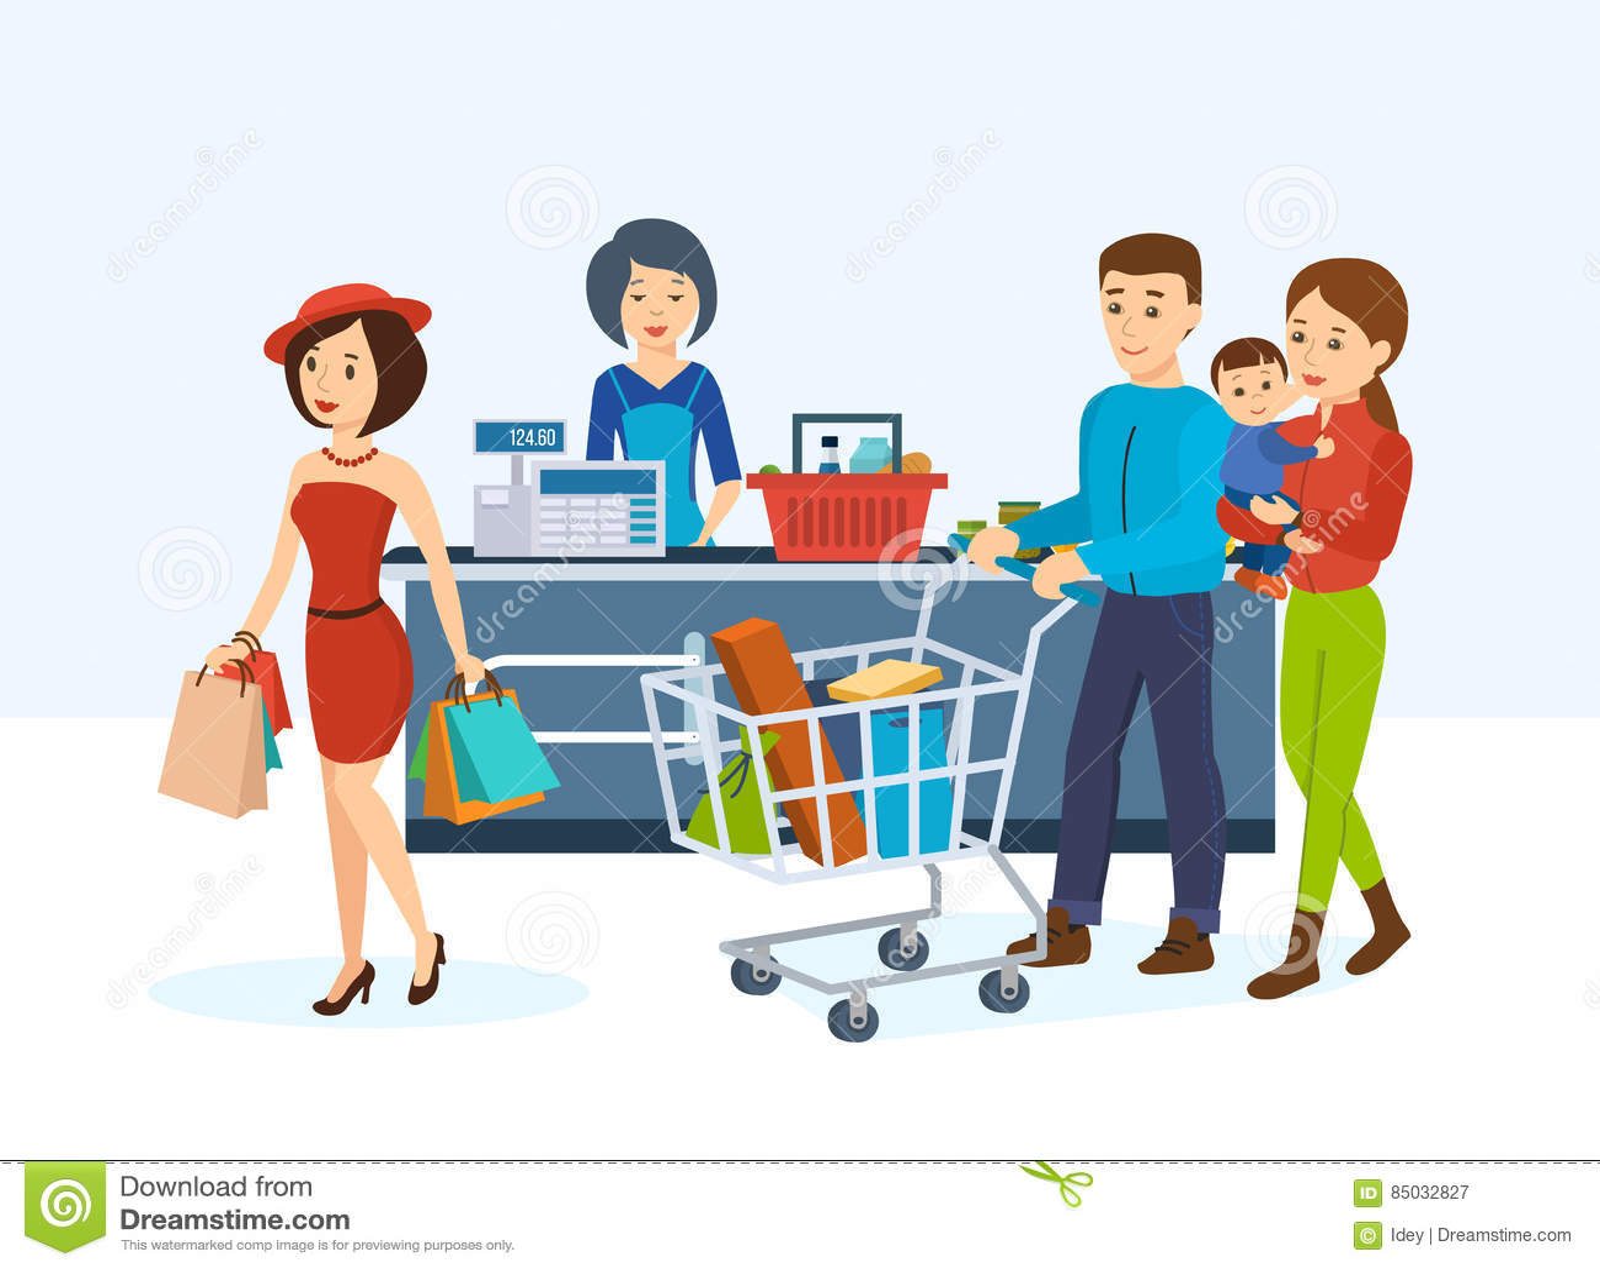 买家,在商店四处走动为了购买物品